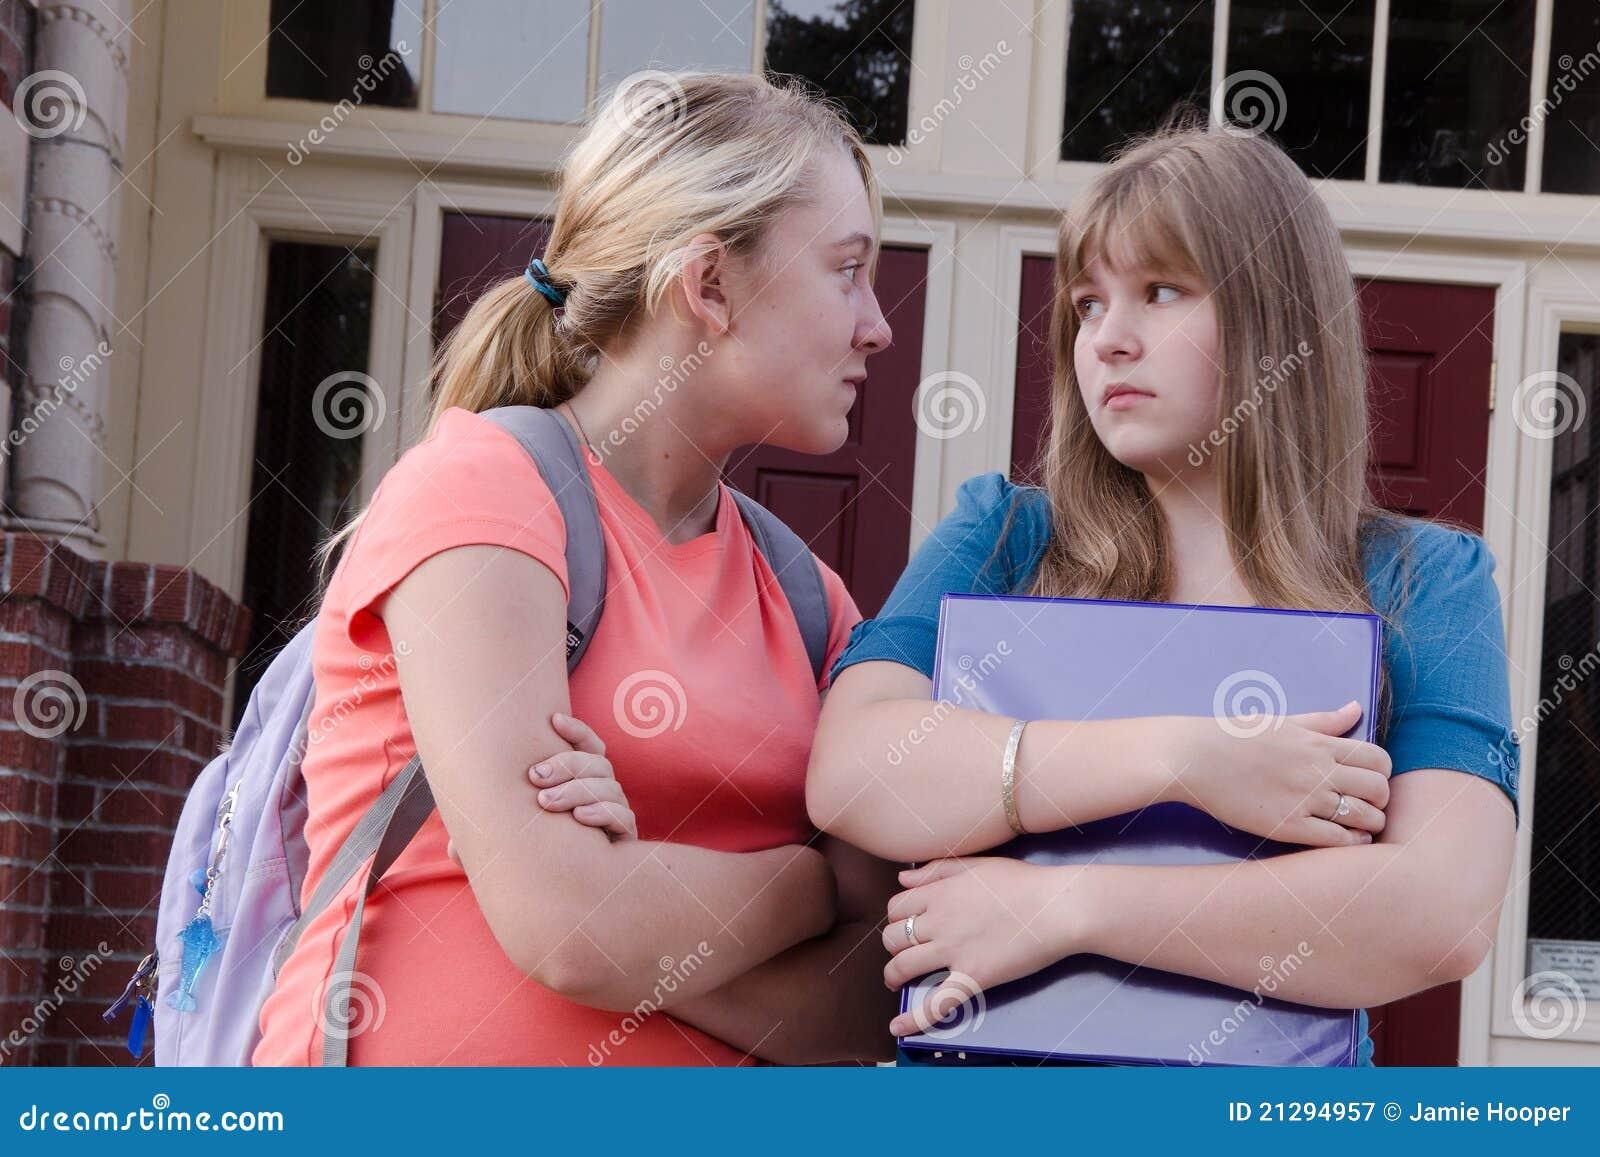 Teen Girl Bully